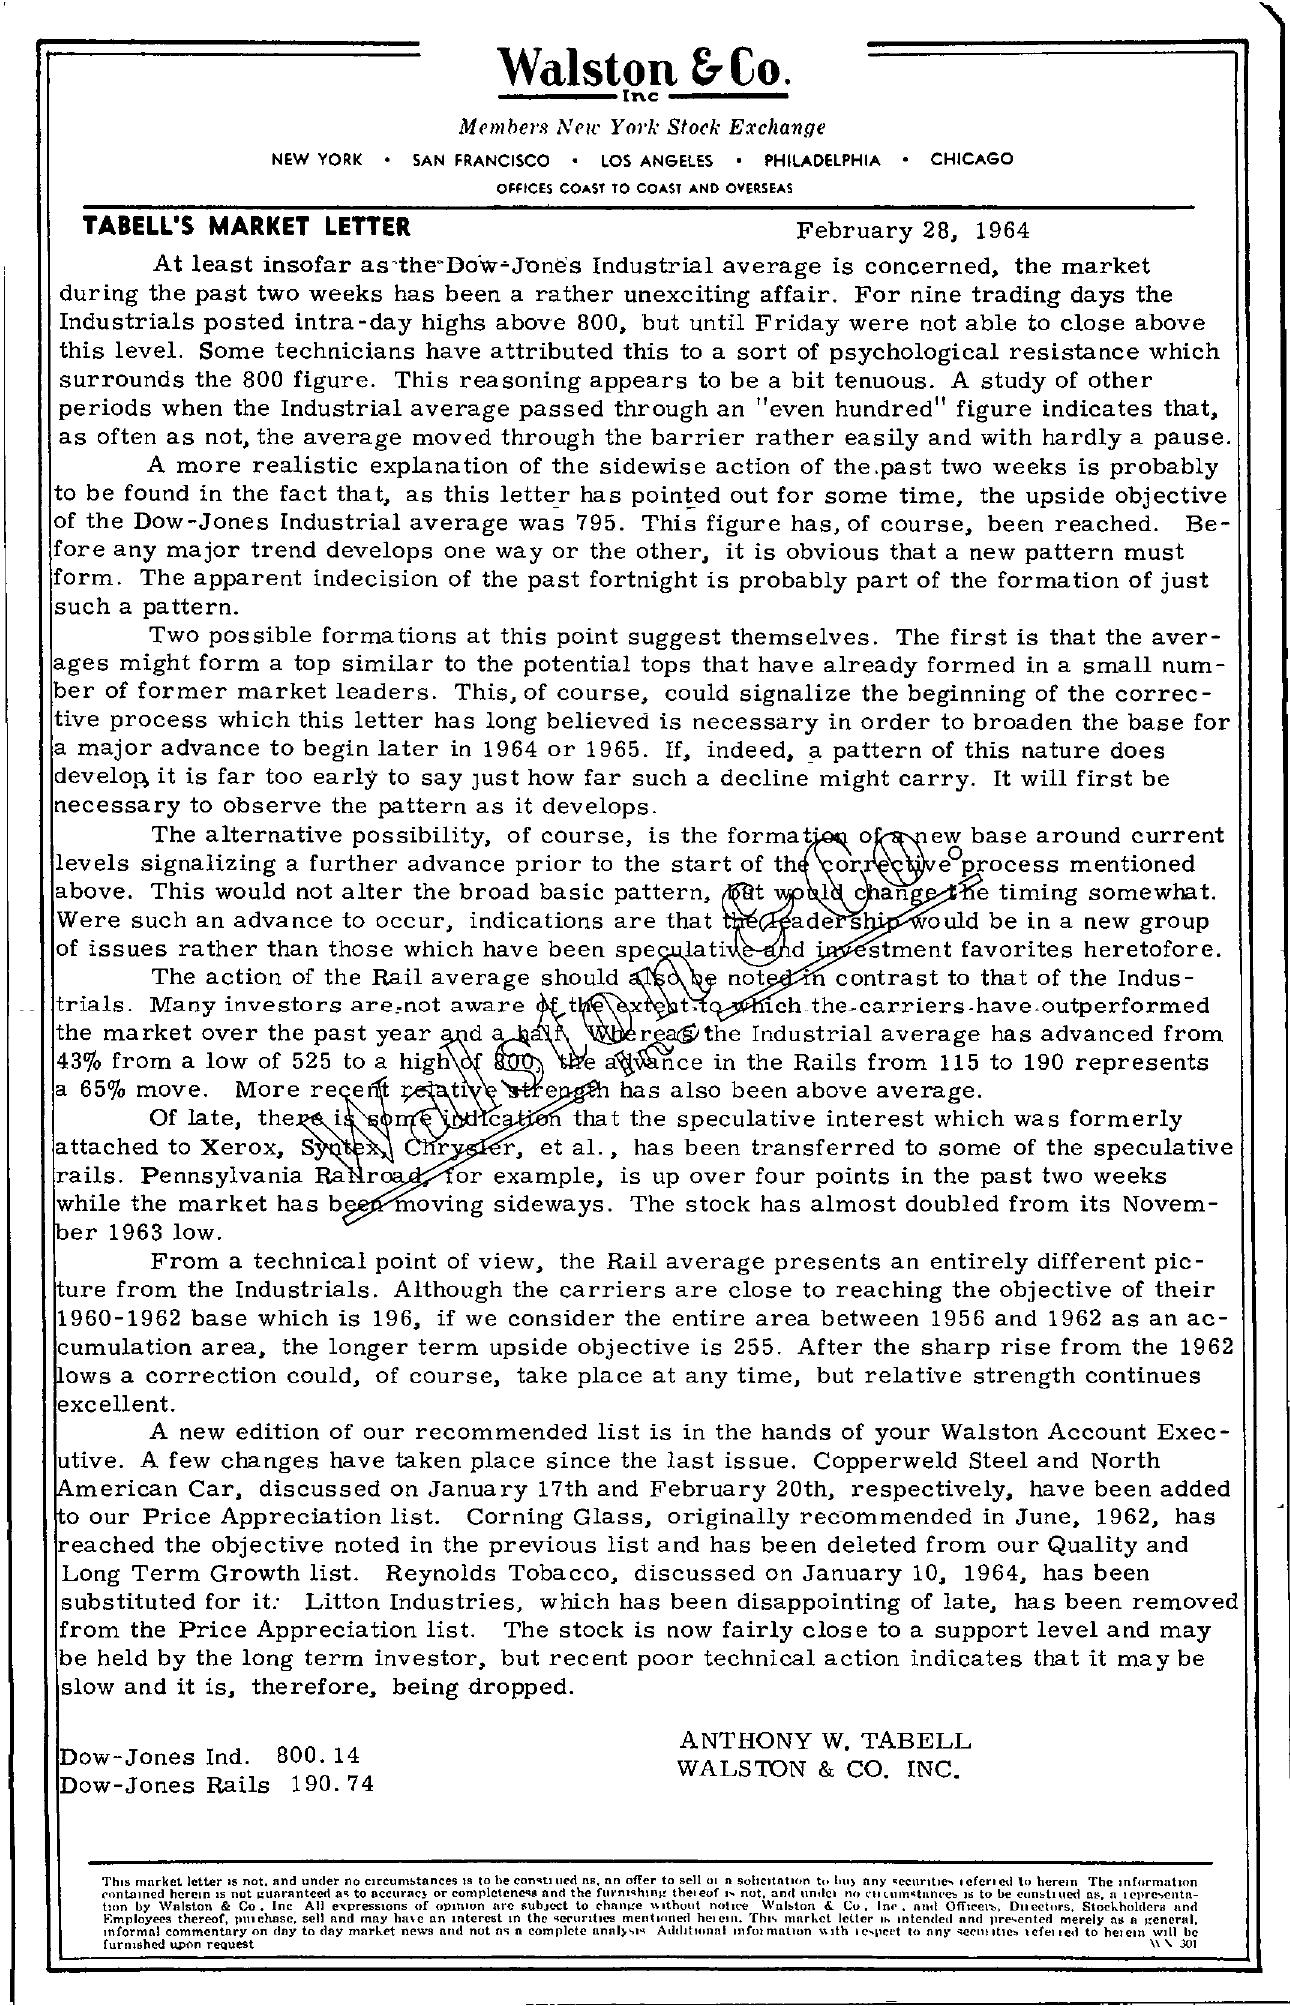 Tabell's Market Letter - February 28, 1964